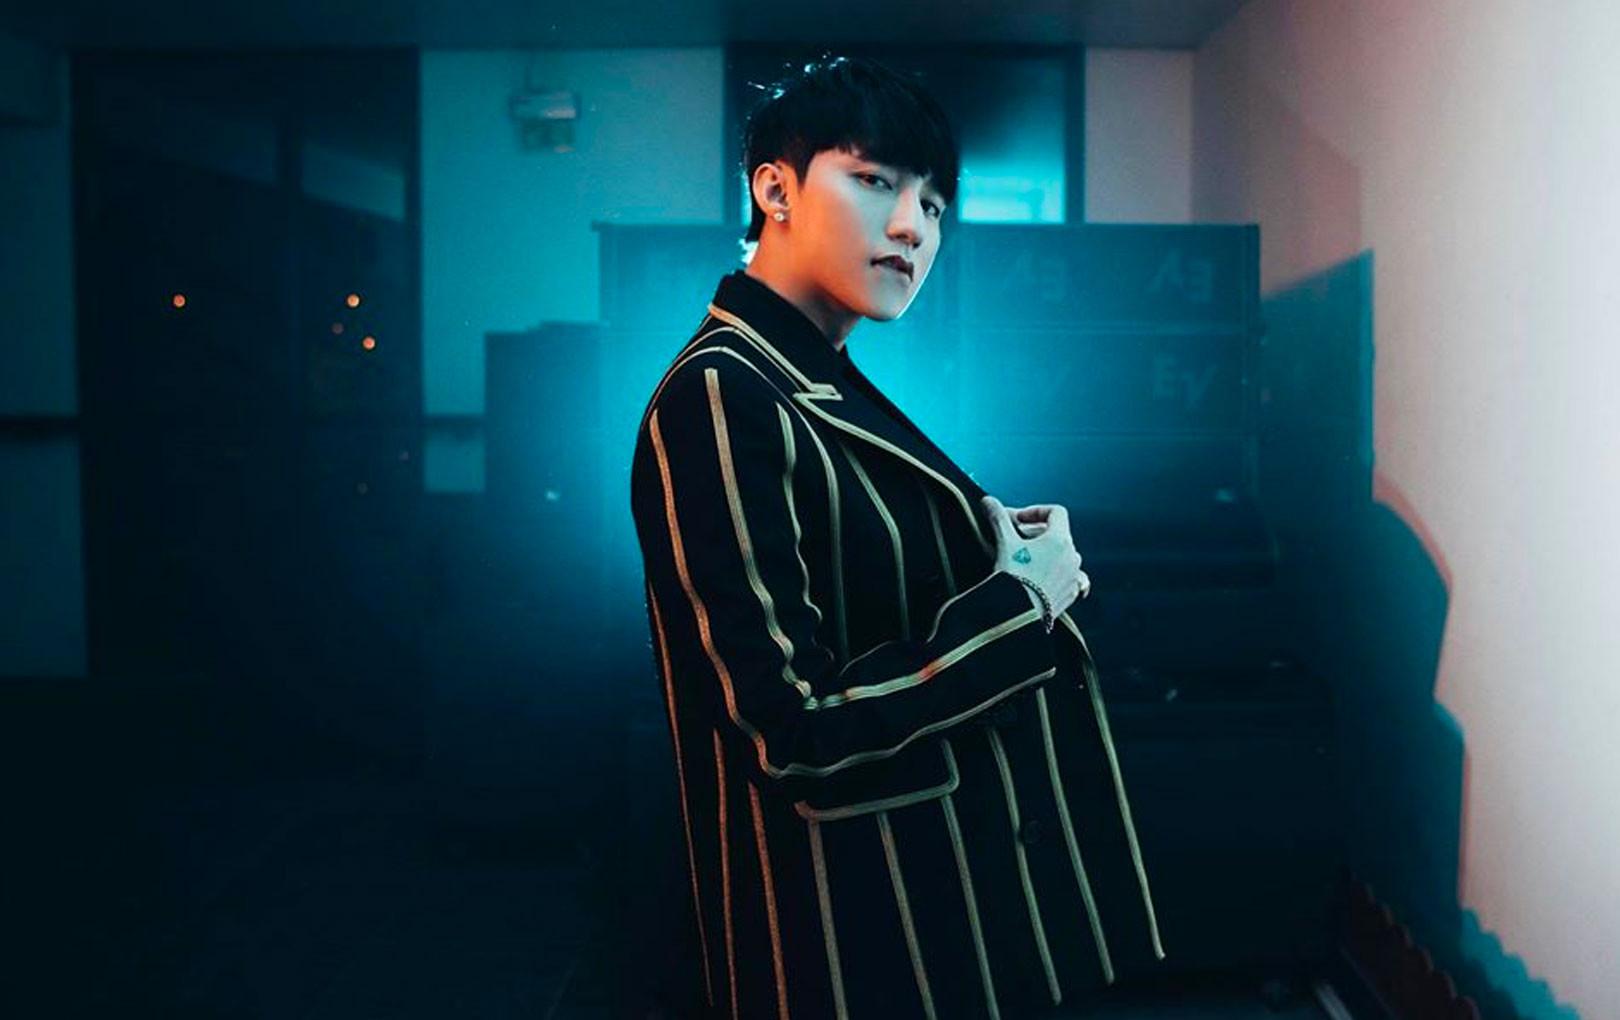 Không chỉ có M-TP Entertainment, Sơn Tùng còn sở hữu thêm 2 công ty giải trí khác